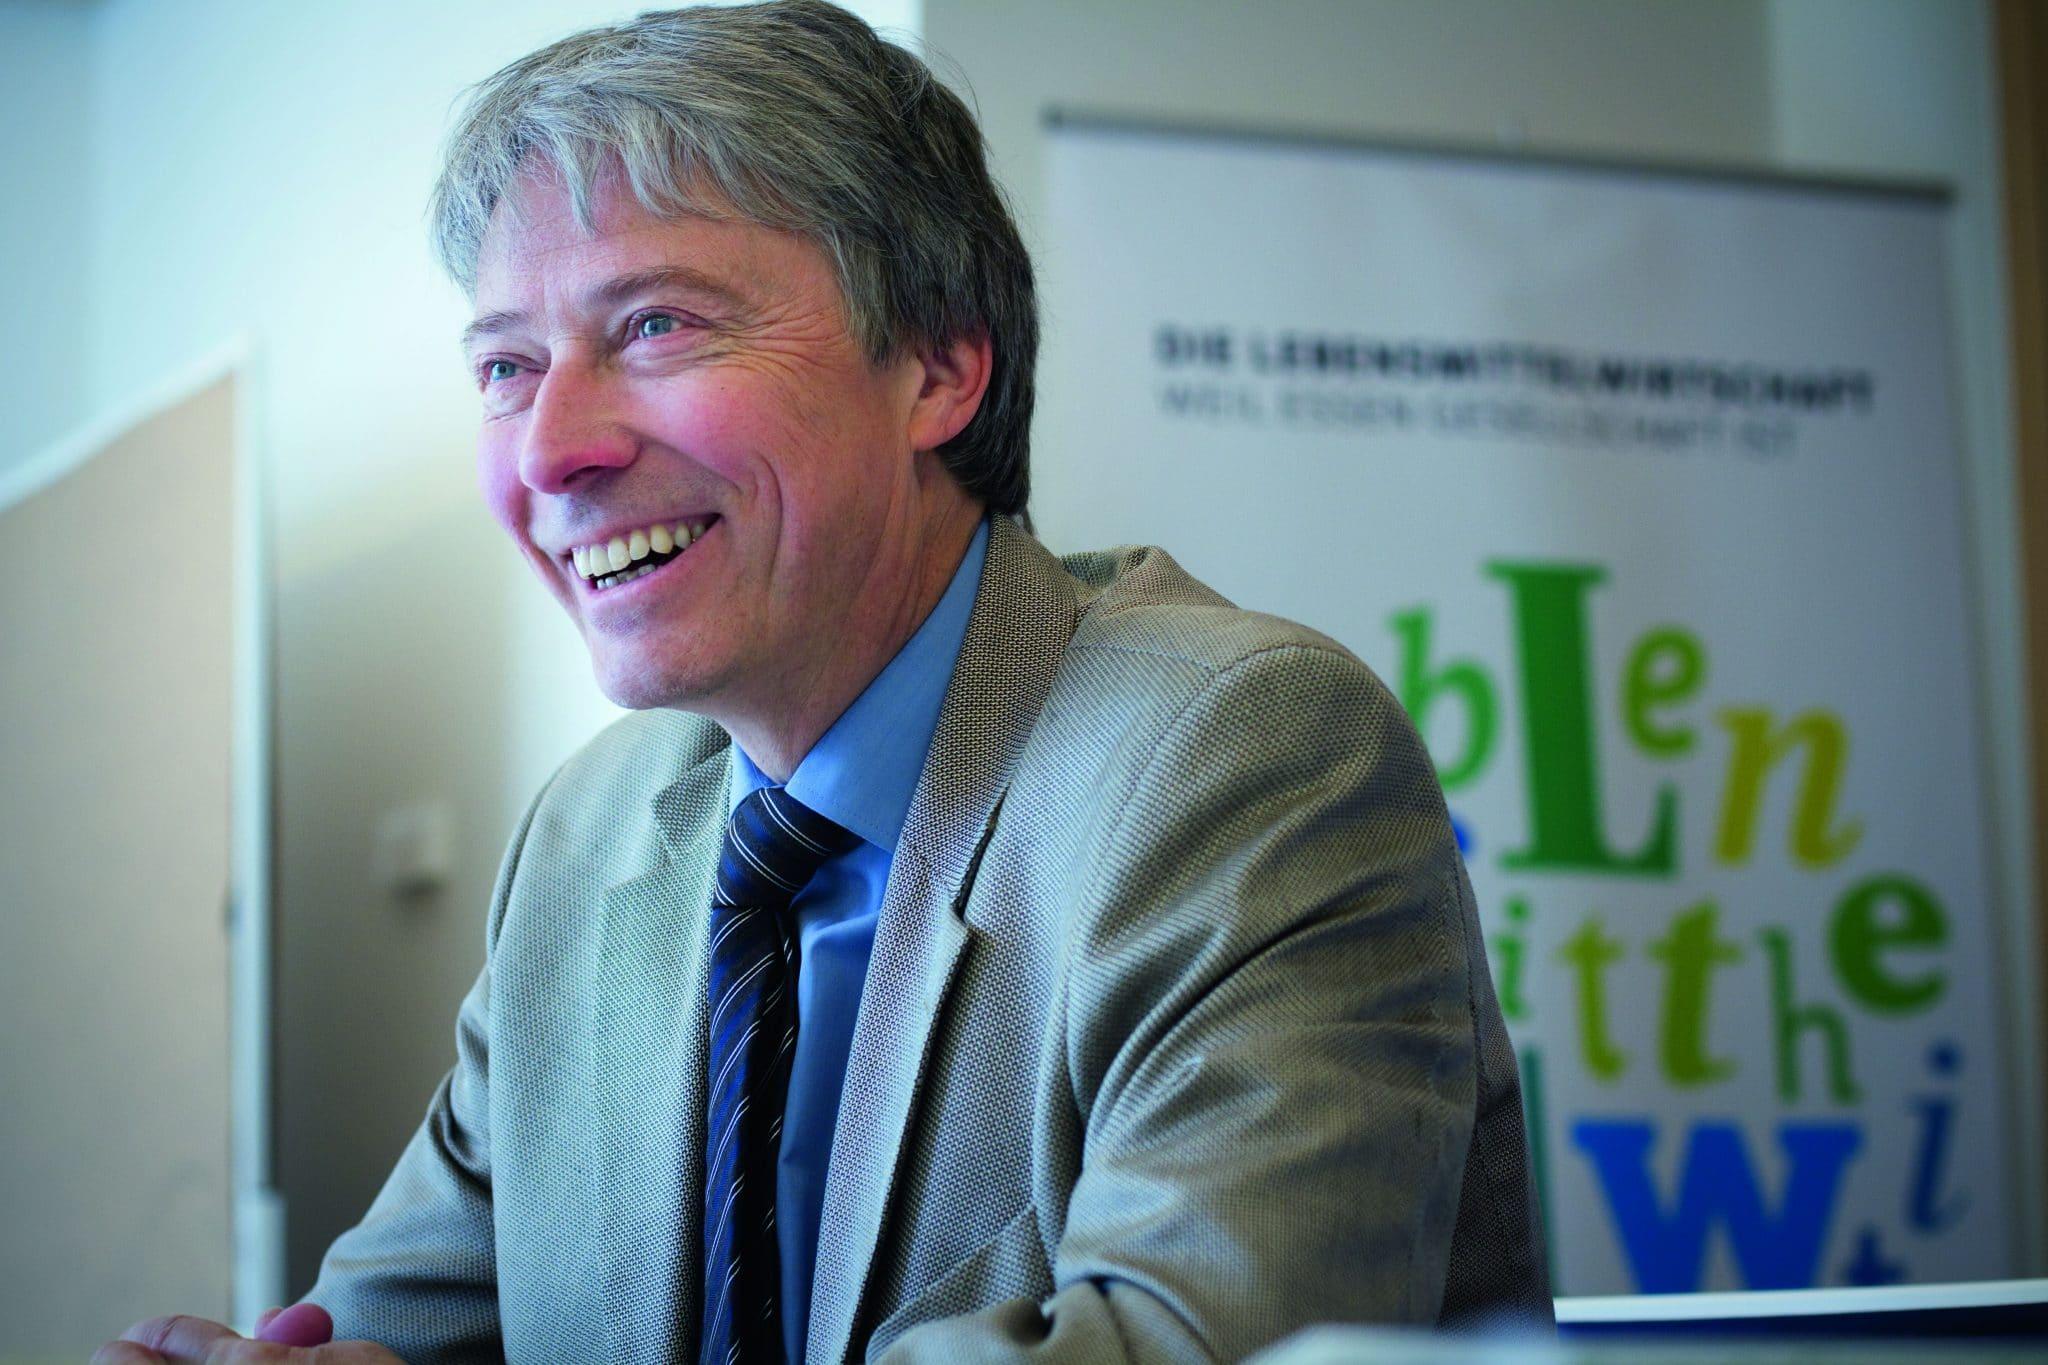 Sieht sich nicht als Lobbyist – Stephan Becker-Sonnenschein kämpft für ein besseres Image der Lebensmittelbranche, Foto: baumannstephan.com